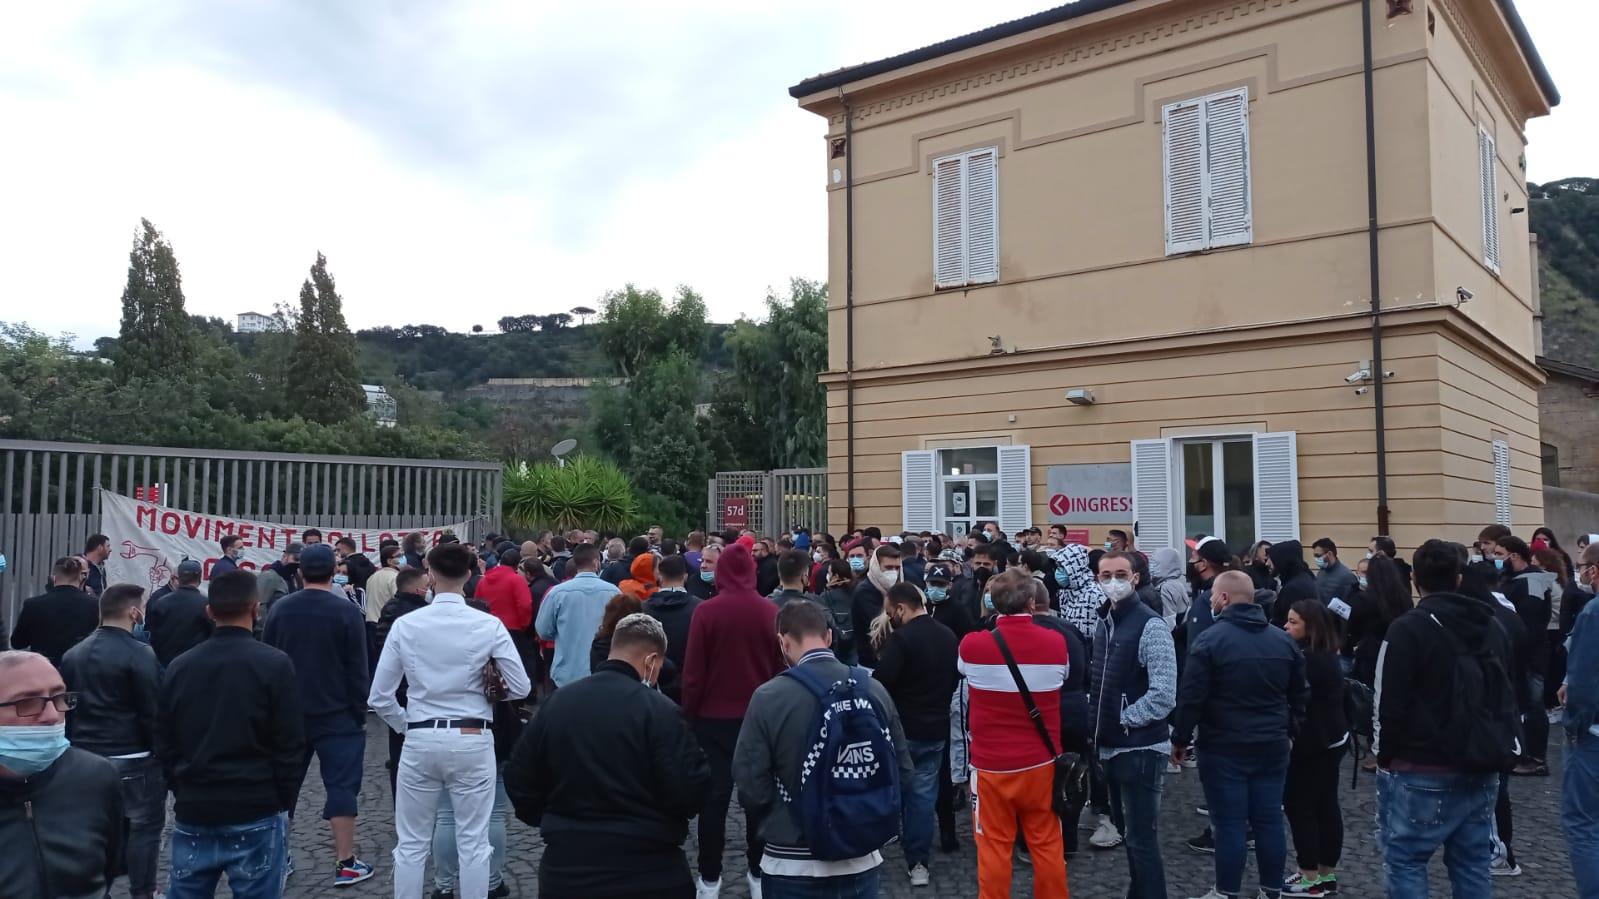 Napoli, 60 assunzioni pre-elettorali all'Asia tramite agenzie interinali: insorgono i disoccupati. Bloccata Città della Scienza